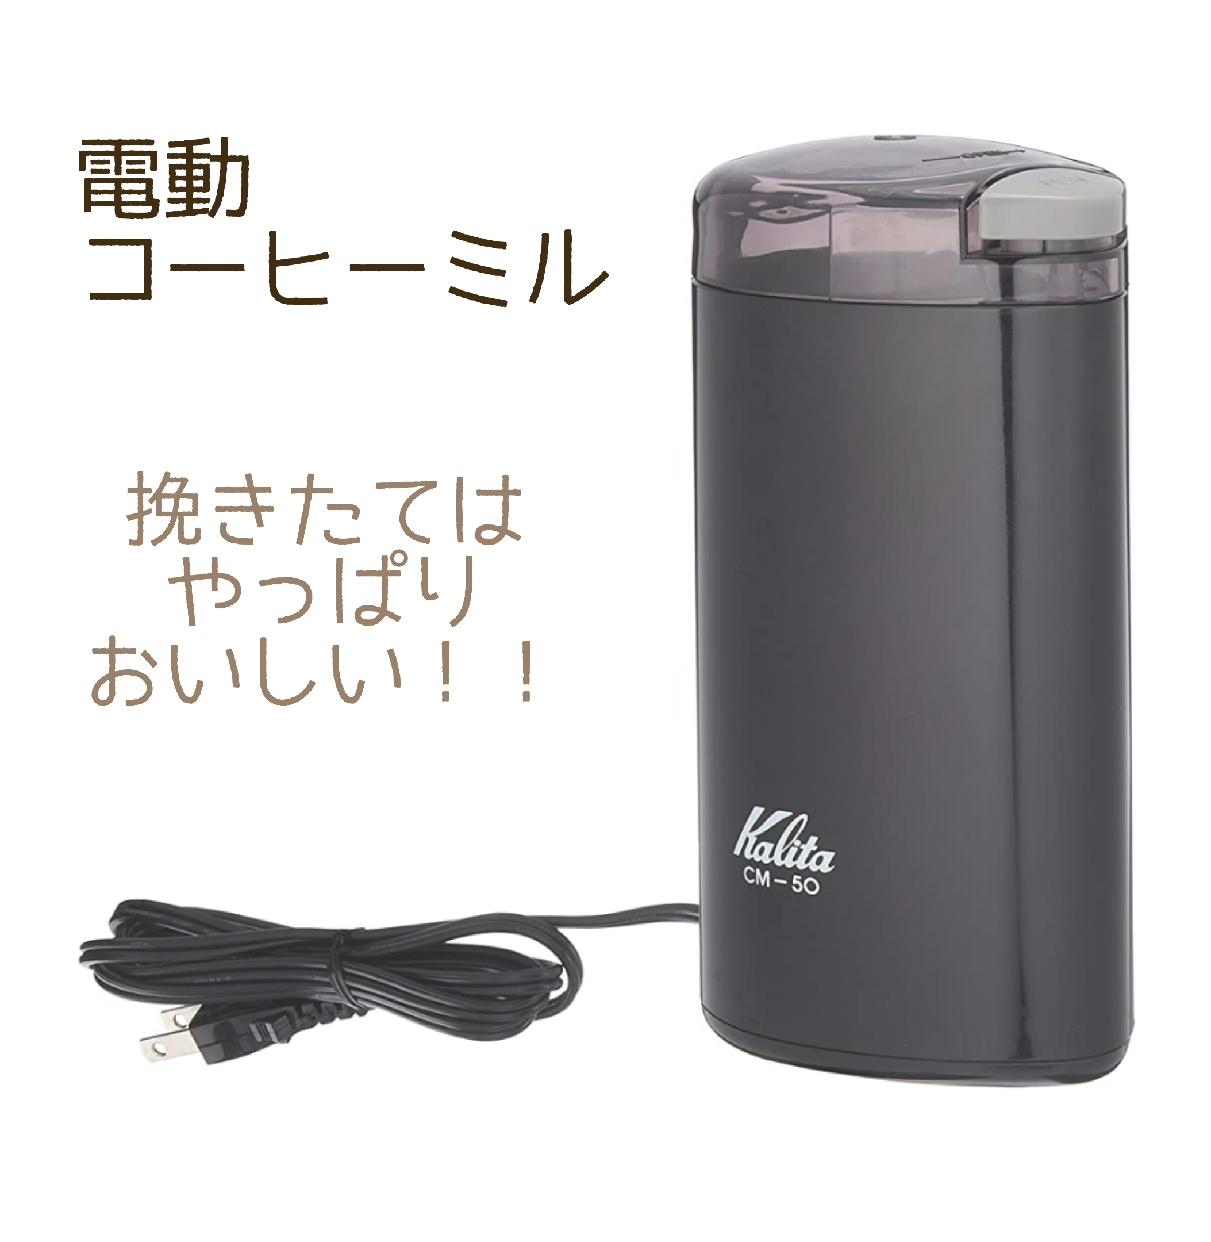 Kalita(カリタ)電動コーヒーミルCM-50を使ったサクラさんのクチコミ画像1